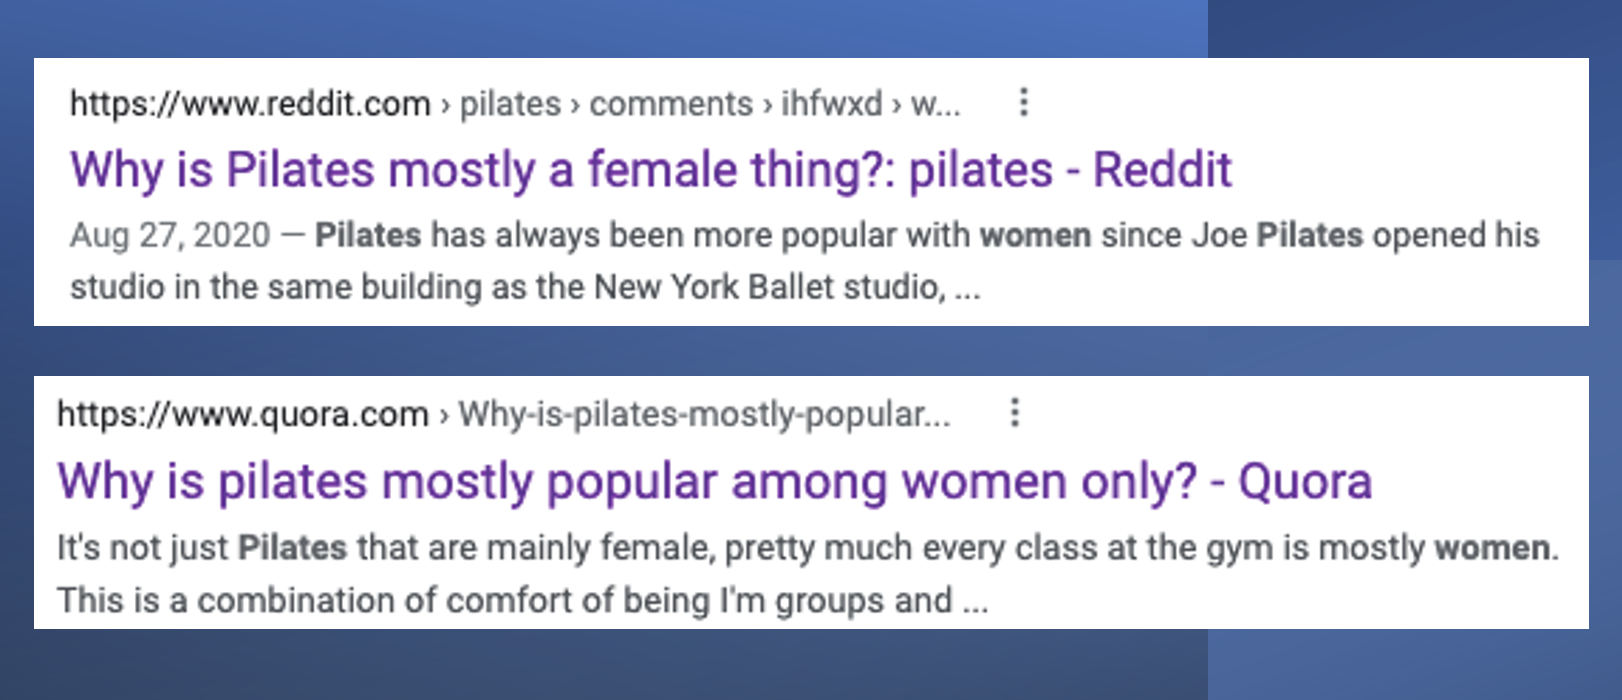 Pilates for men - Reddit and Quora